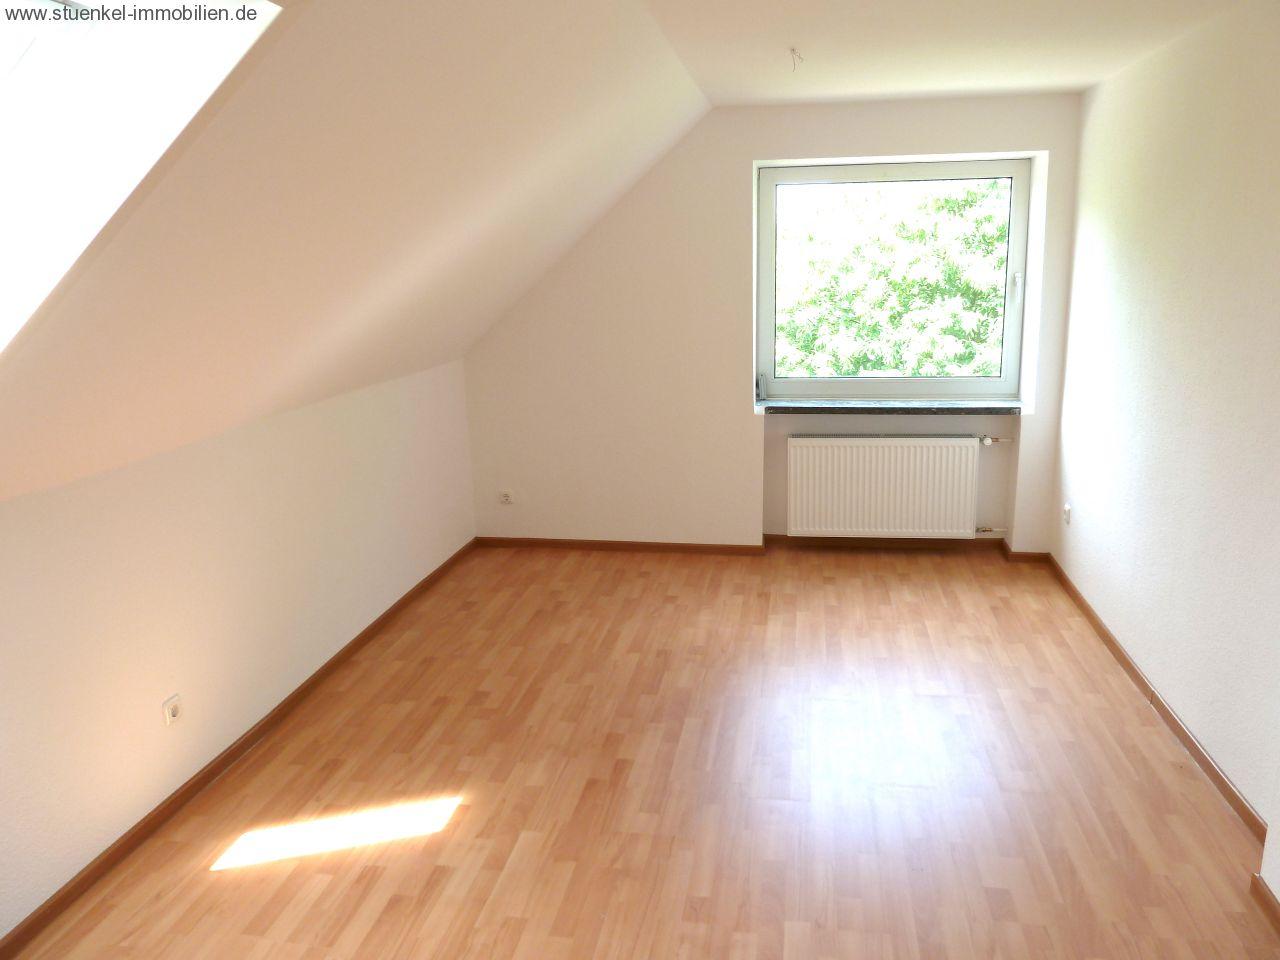 vermittelte objekte - neustadt - moderne 3 zimmer wohnung ... - Moderne Renovierung Wohnzimmer